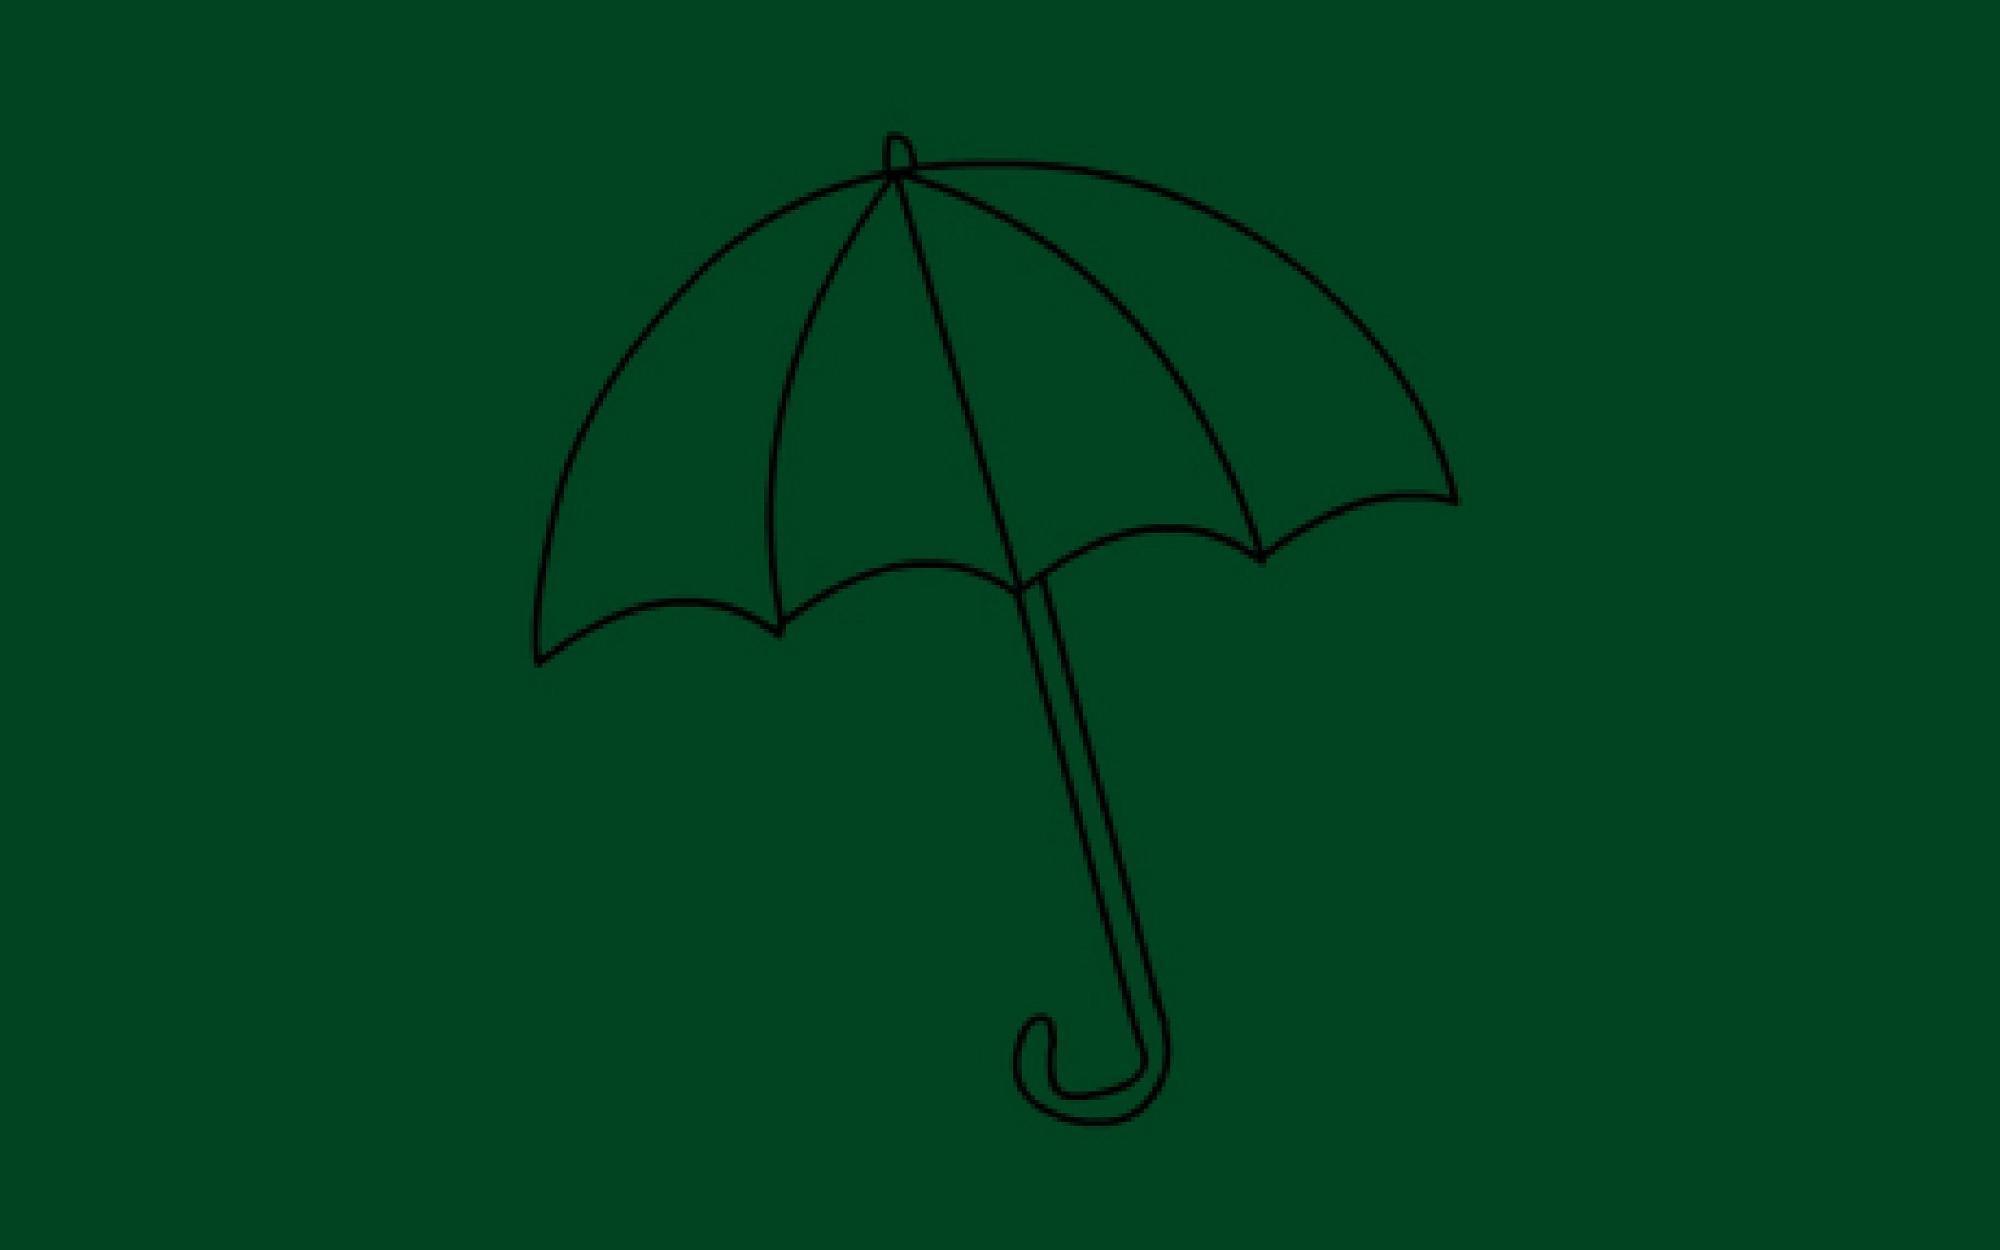 image of: Umbrellas